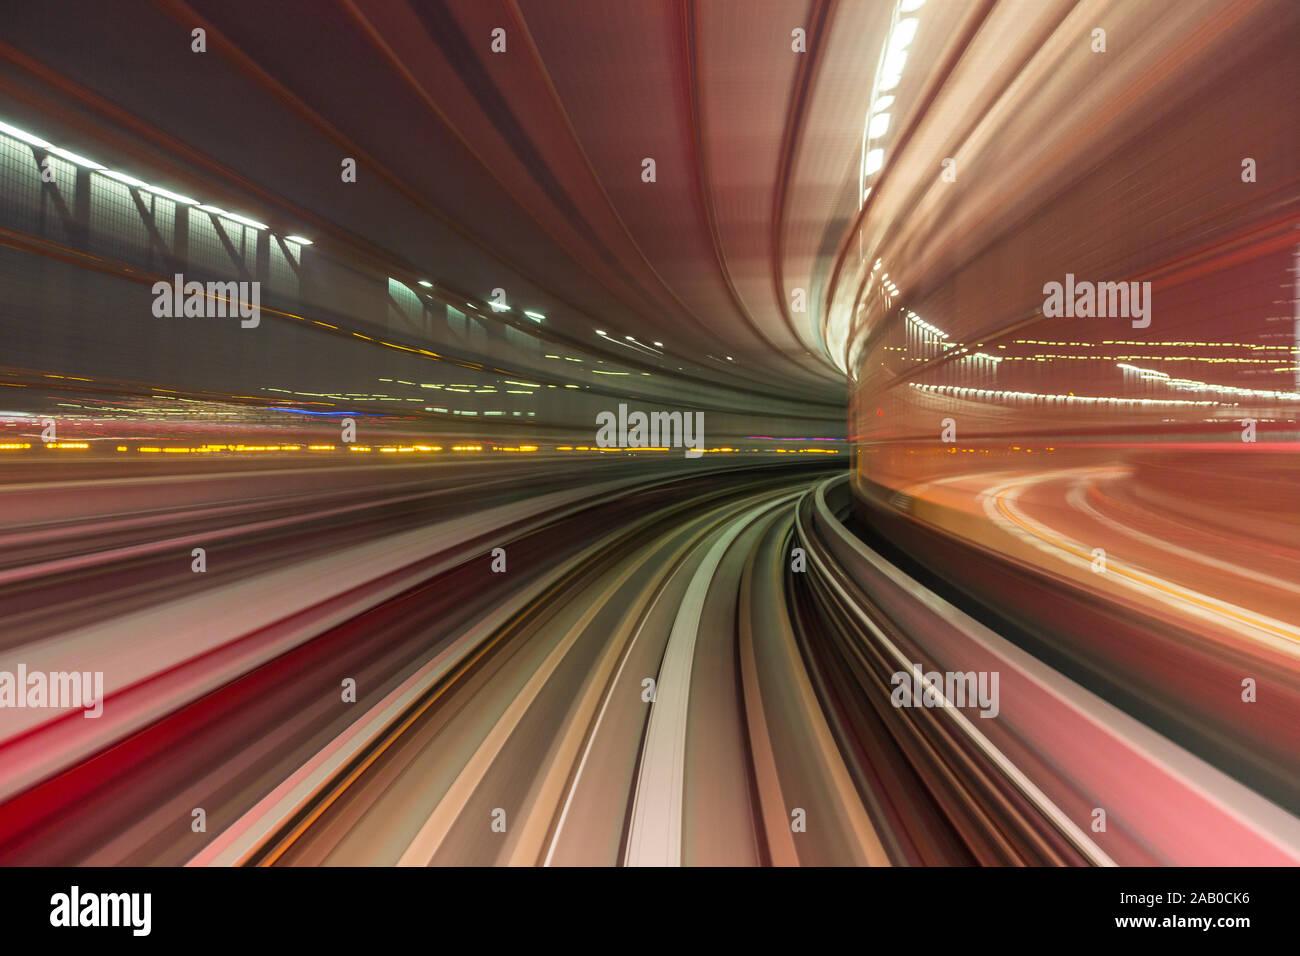 Un color rojo púrpura de alta velocidad abstracta movimiento curvo hacia el futuro , justo a la vuelta de la esquina, el concepto. Foto de stock